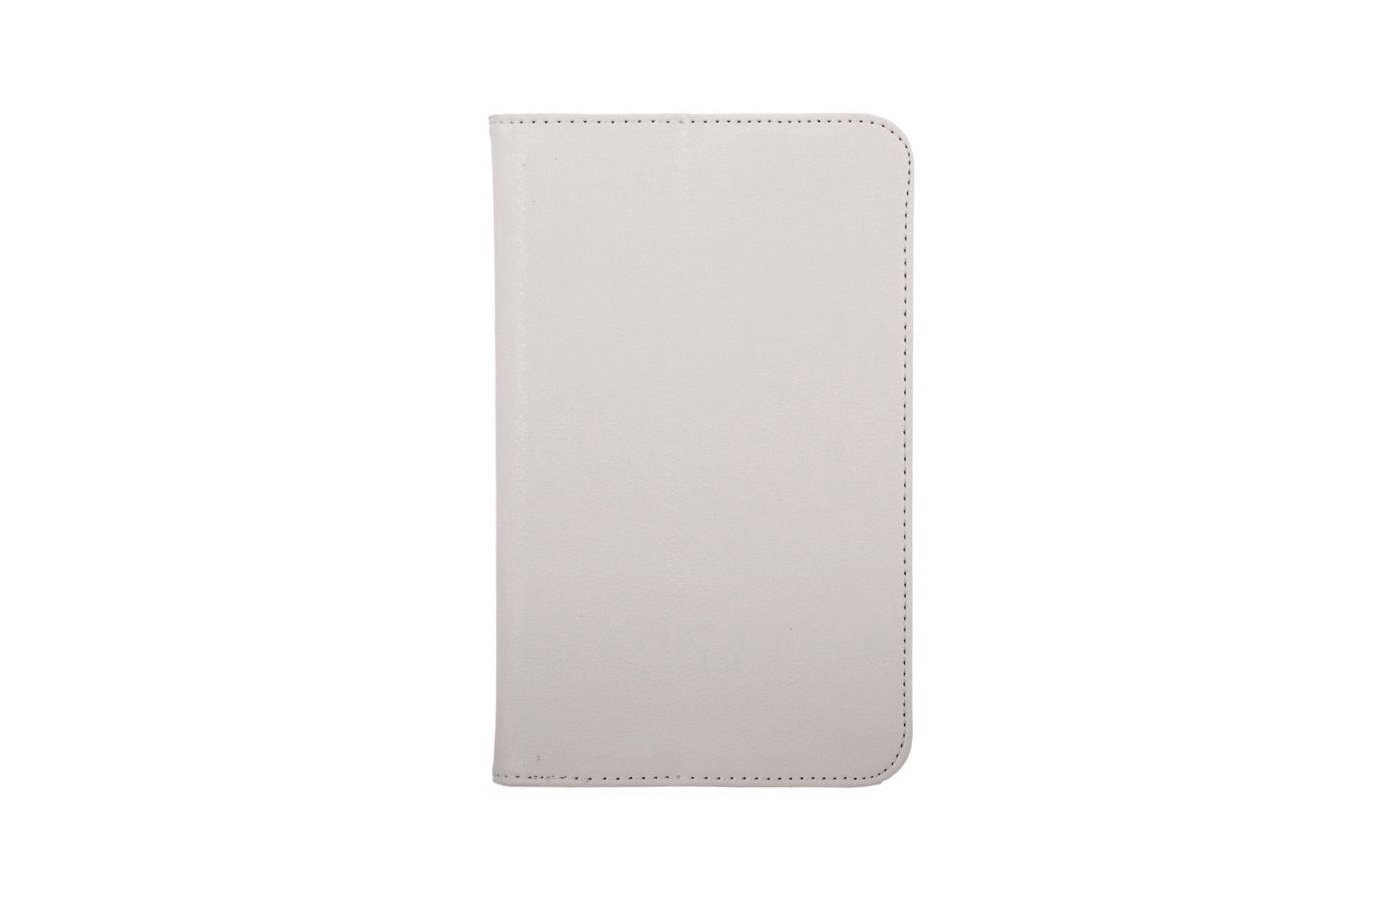 Чехол для планшетного ПК IT BAGGAGE для LENOVO Tab 2 A7-30 7 белый ITLNA7302-0